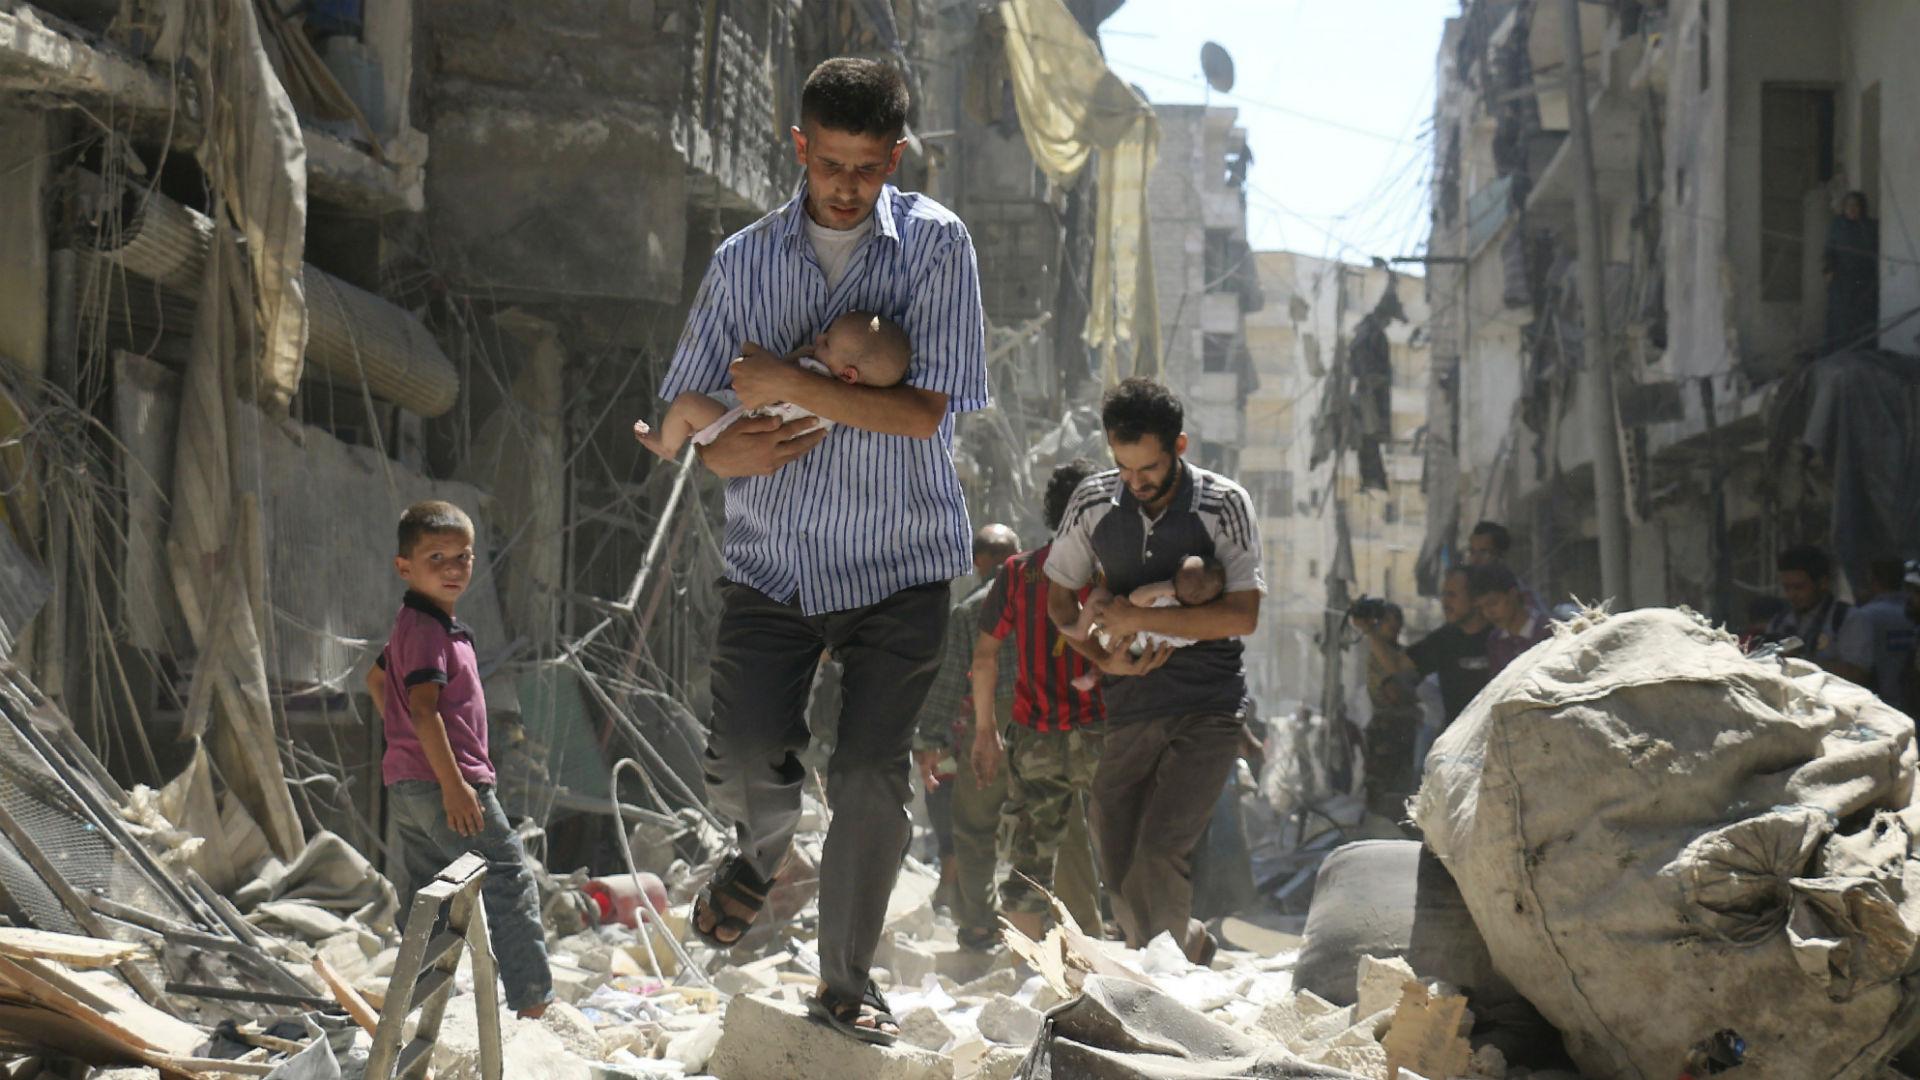 Una de las fotos más emblemáticas del conflicto sirio.